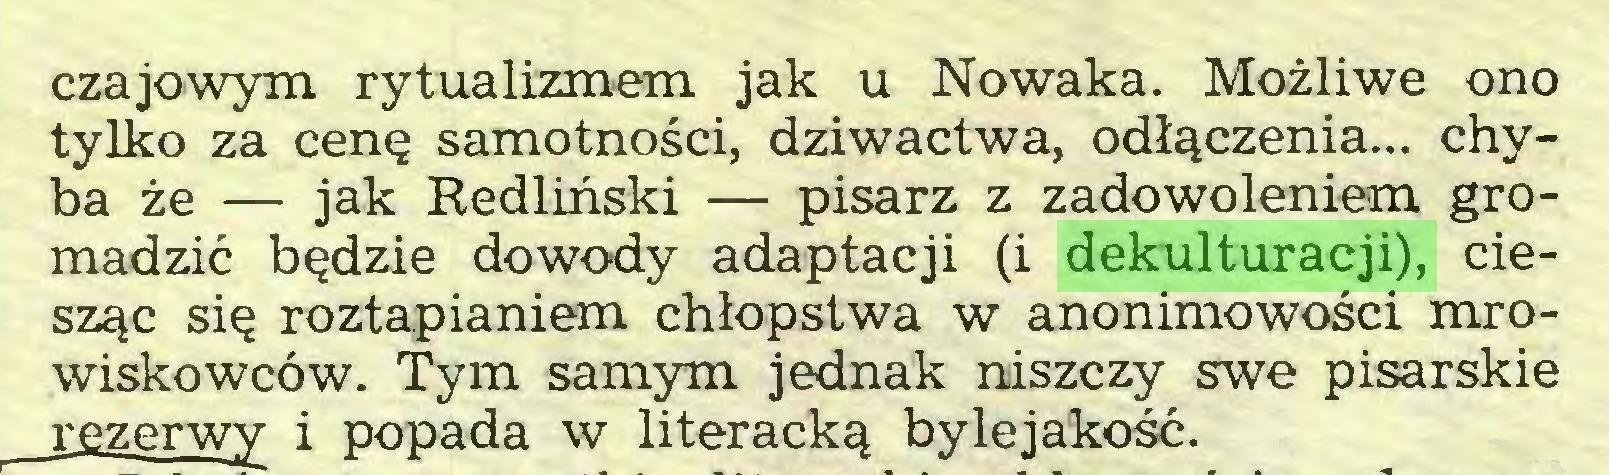 (...) czajowym rytualizmem jak u Nowaka. Możliwe ono tylko za cenę samotności, dziwactwa, odłączenia... chyba że — jak Redliński — pisarz z zadowoleniem gromadzić będzie dowody adaptacji (i dekulturacji), ciesząc się roztapianiem chłopstwa w anonimowości mrowiskowców. Tym samym jednak niszczy swe pisarskie rezerwy i popada w literacką bylejakość...